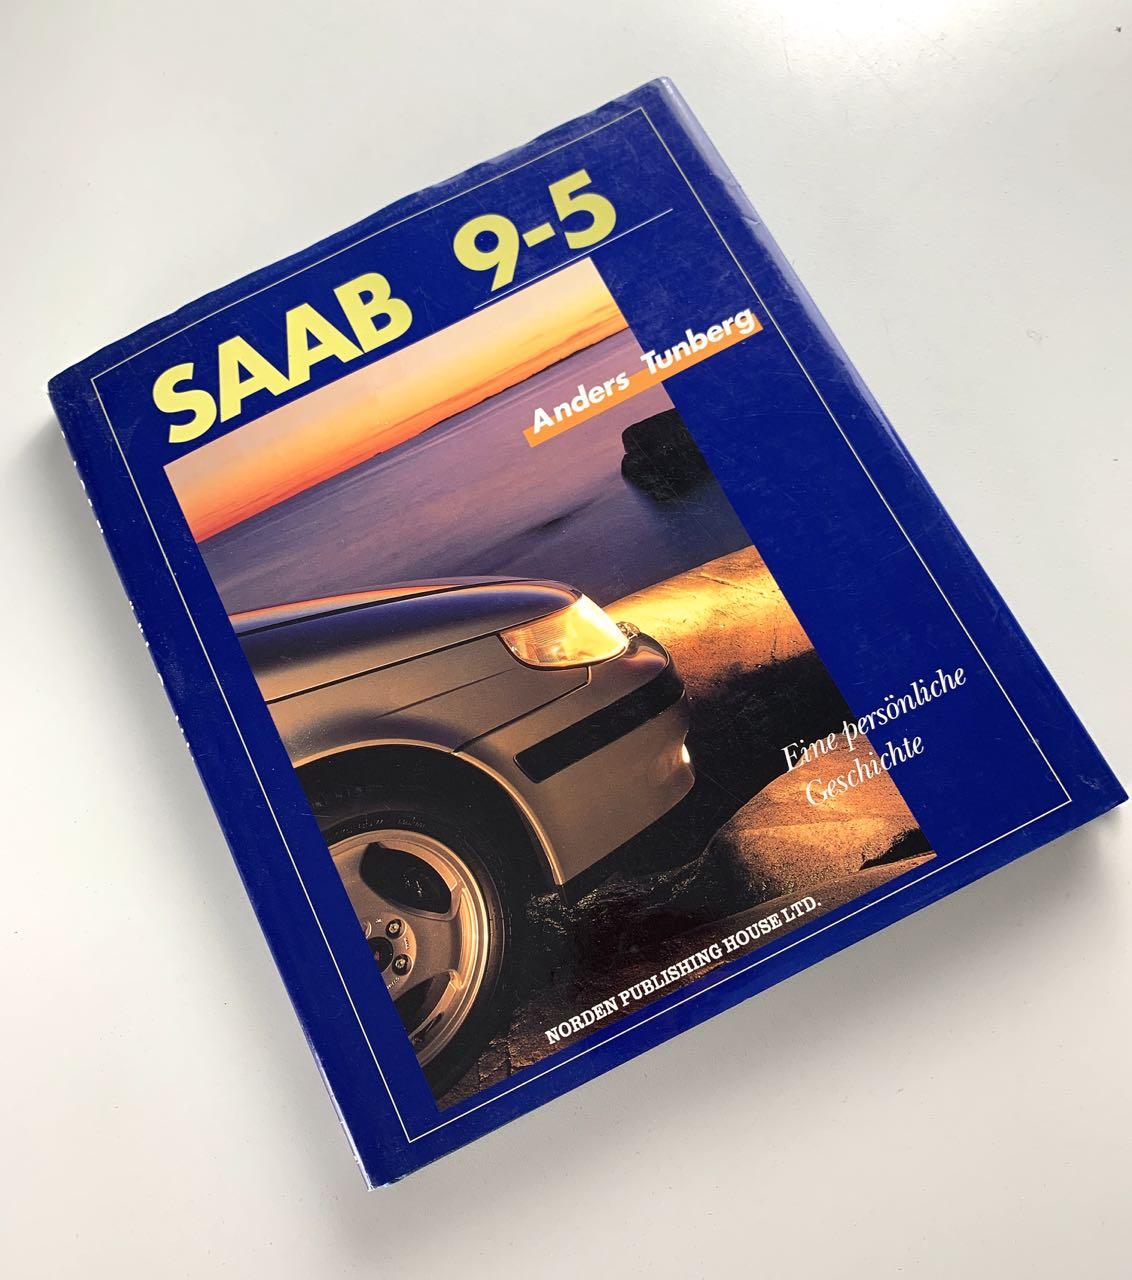 Une histoire personnelle sur la Saab 9-5